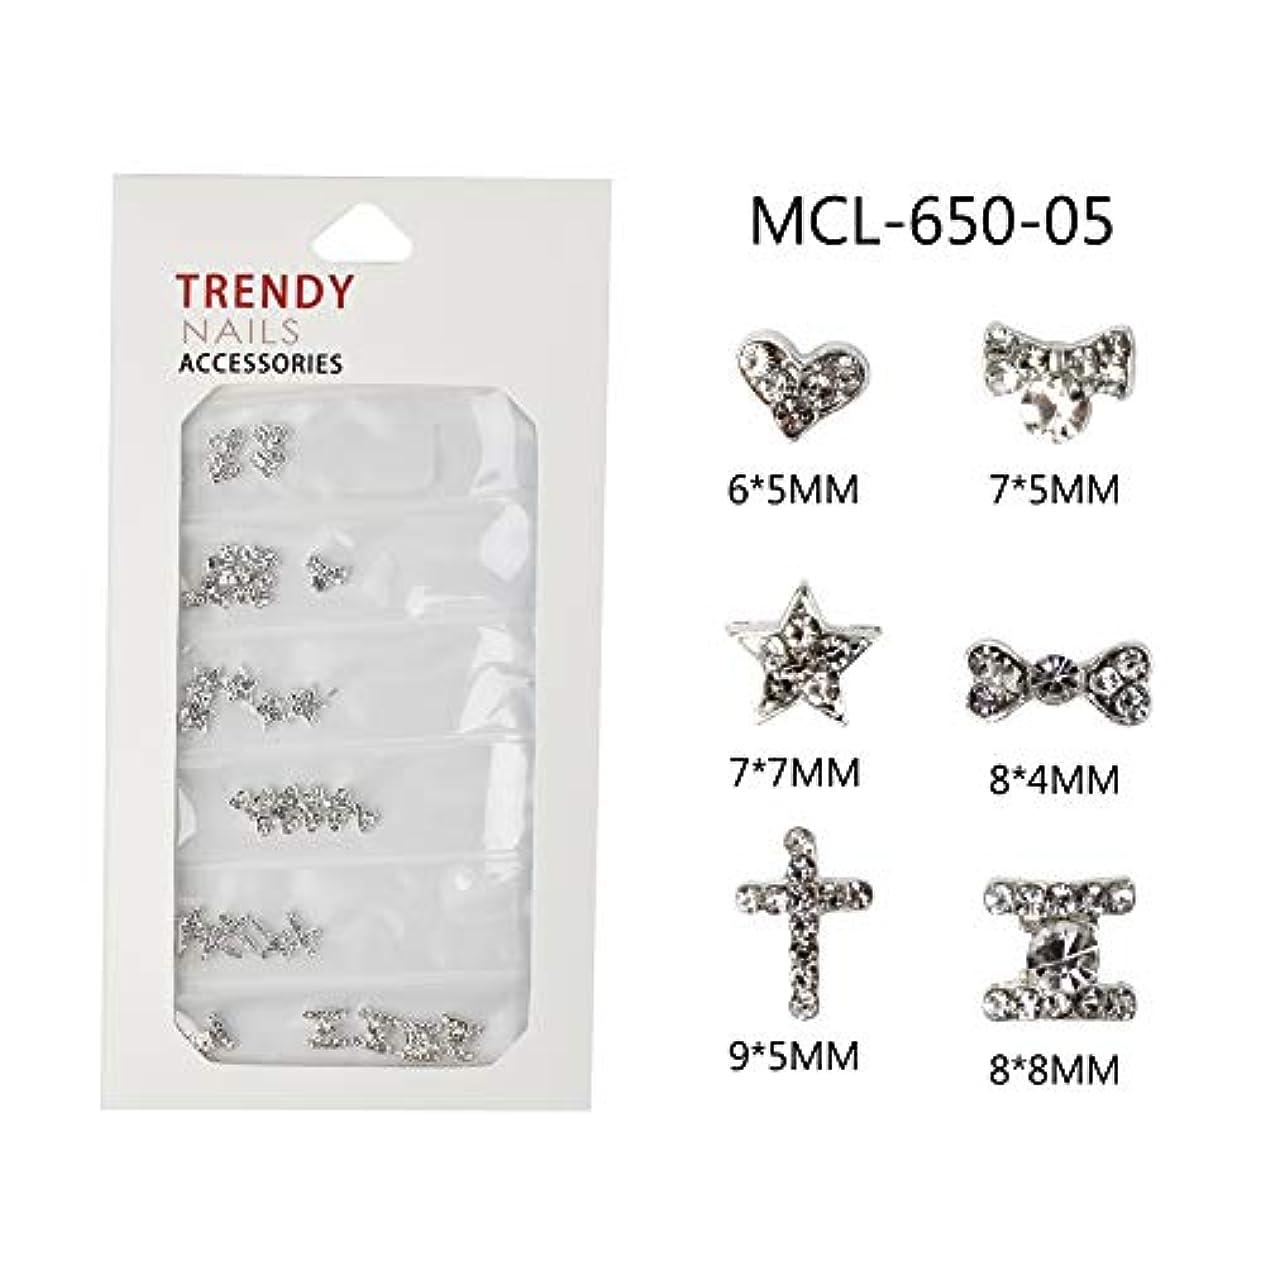 メーリンドス ジュエリーネイルアートデザインパーツ バタフライ 蝶 スタッズとクリスタル合わせて 宝石のような3Dネイルパーツ 30個/本 (05)